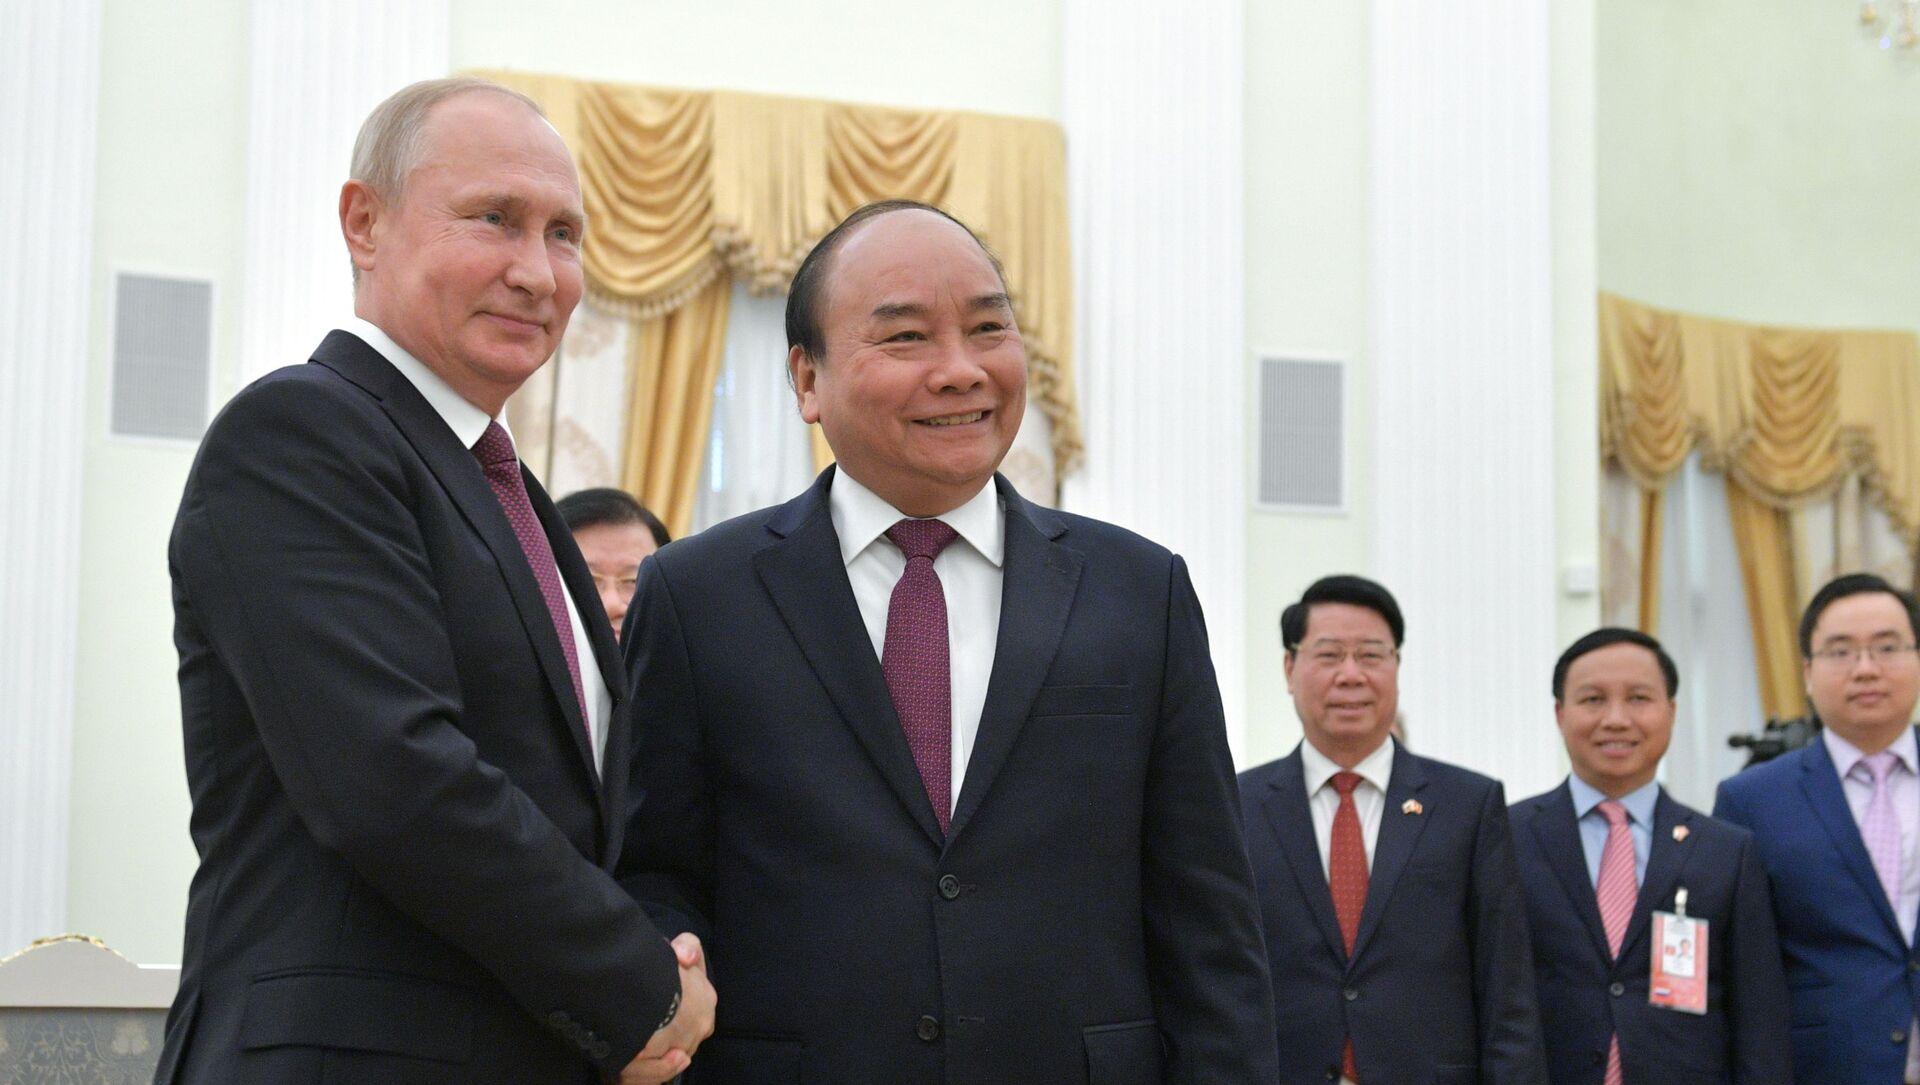 Tổng thống Nga Vladimir Putin tiếp đón Thủ tướng Việt Nam Nguyễn Xuân Phúc - Sputnik Việt Nam, 1920, 05.04.2021